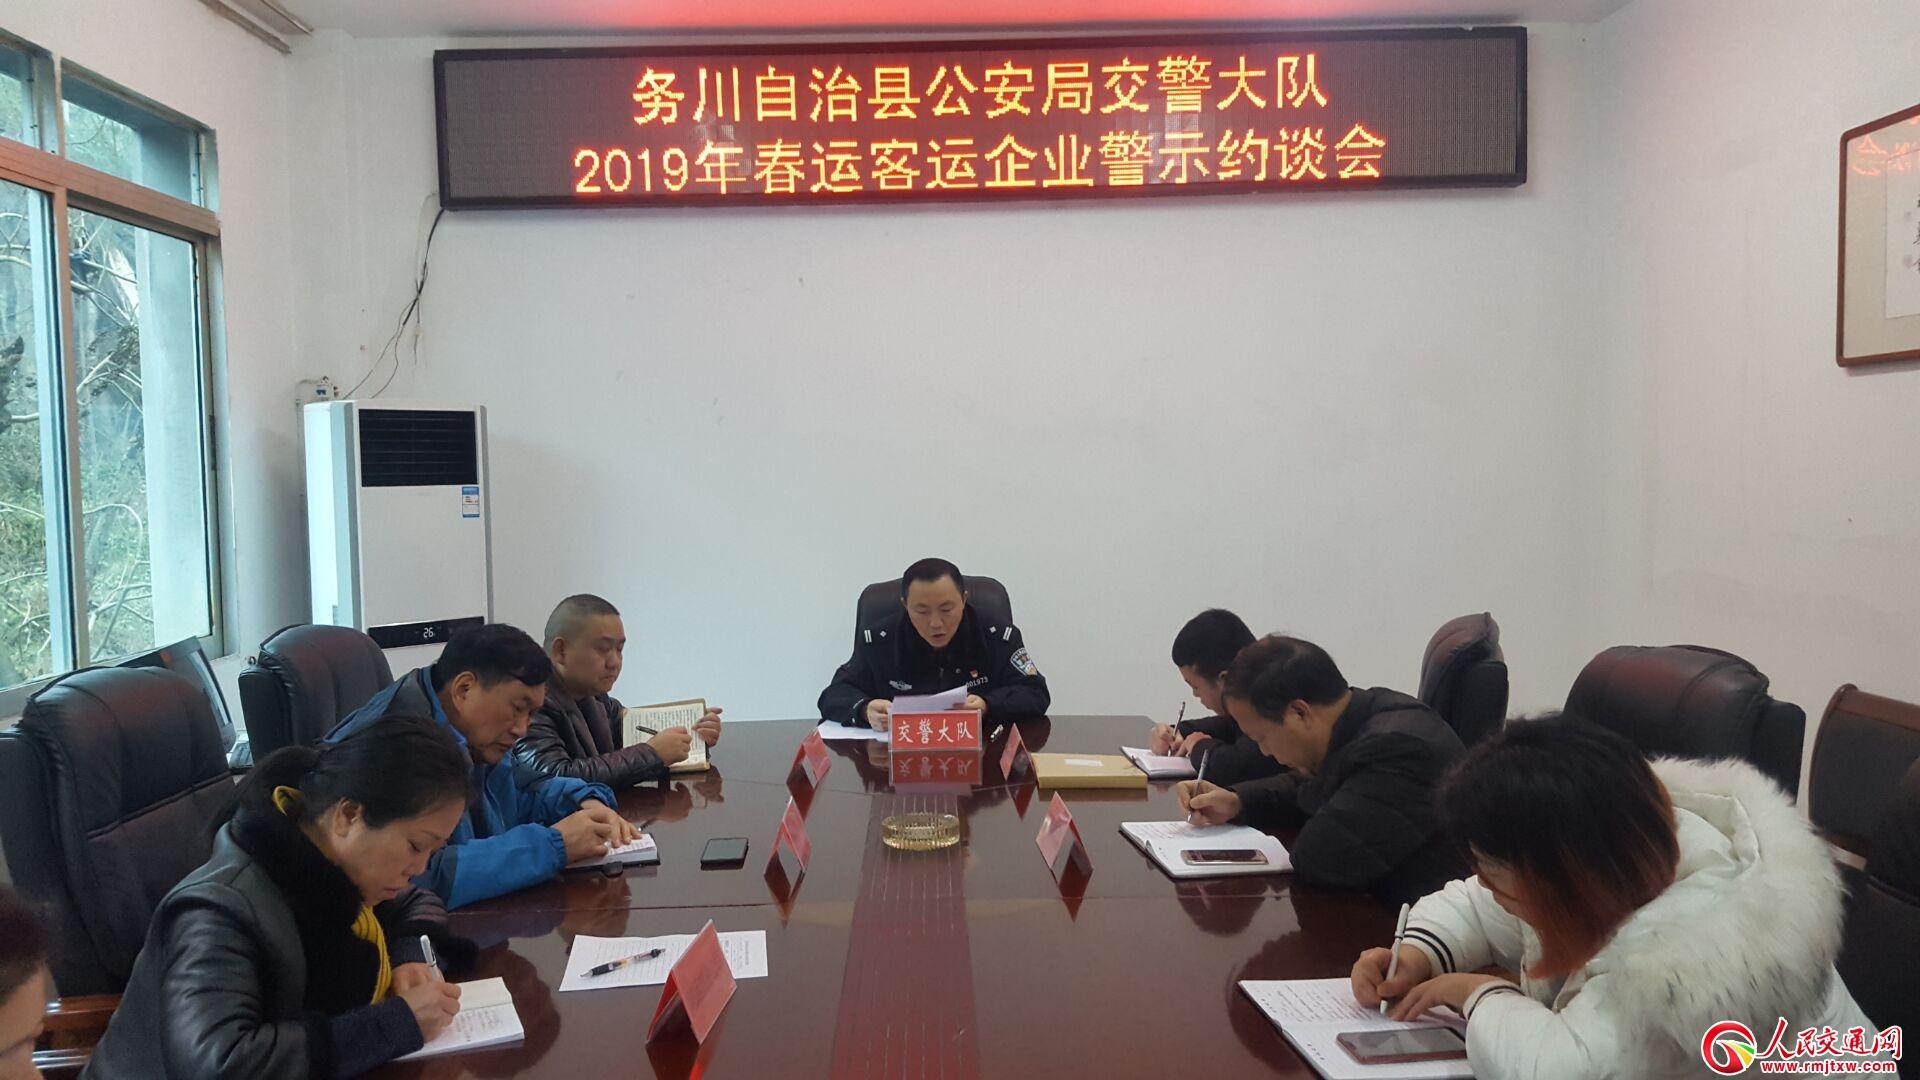 贵州省务川交警大队召开2019年春运客运企业警示约谈会